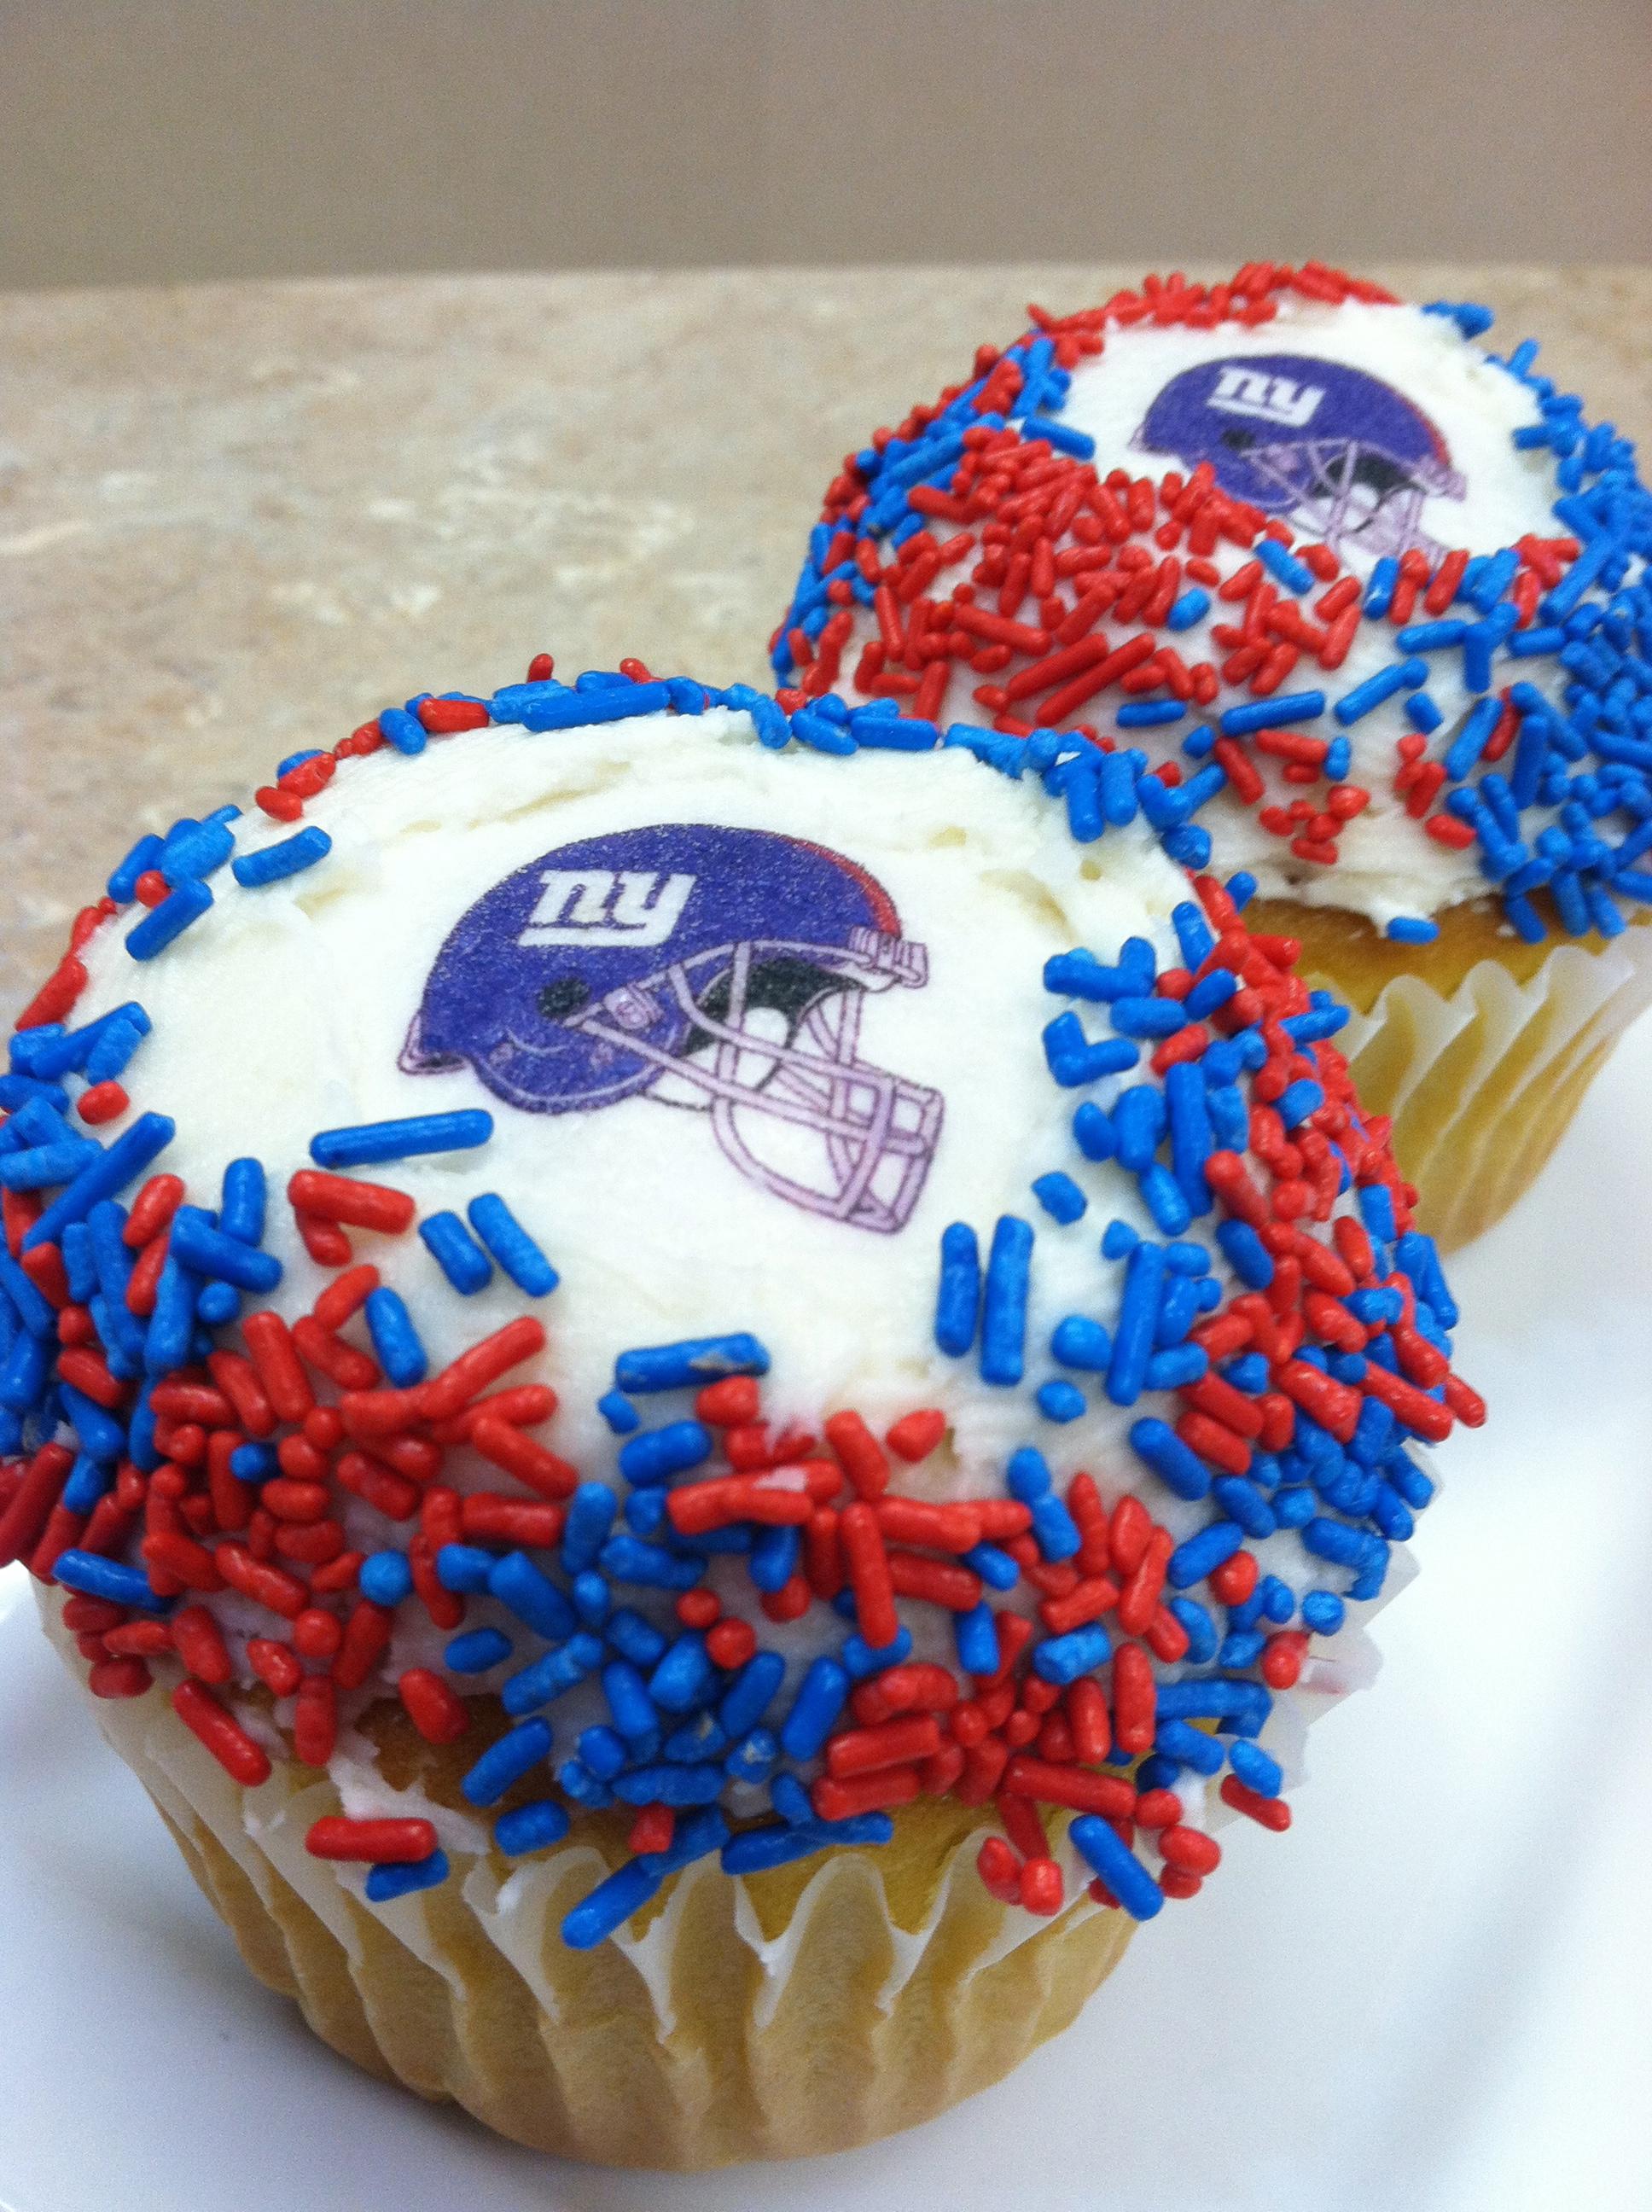 NY Giants Cupcakes